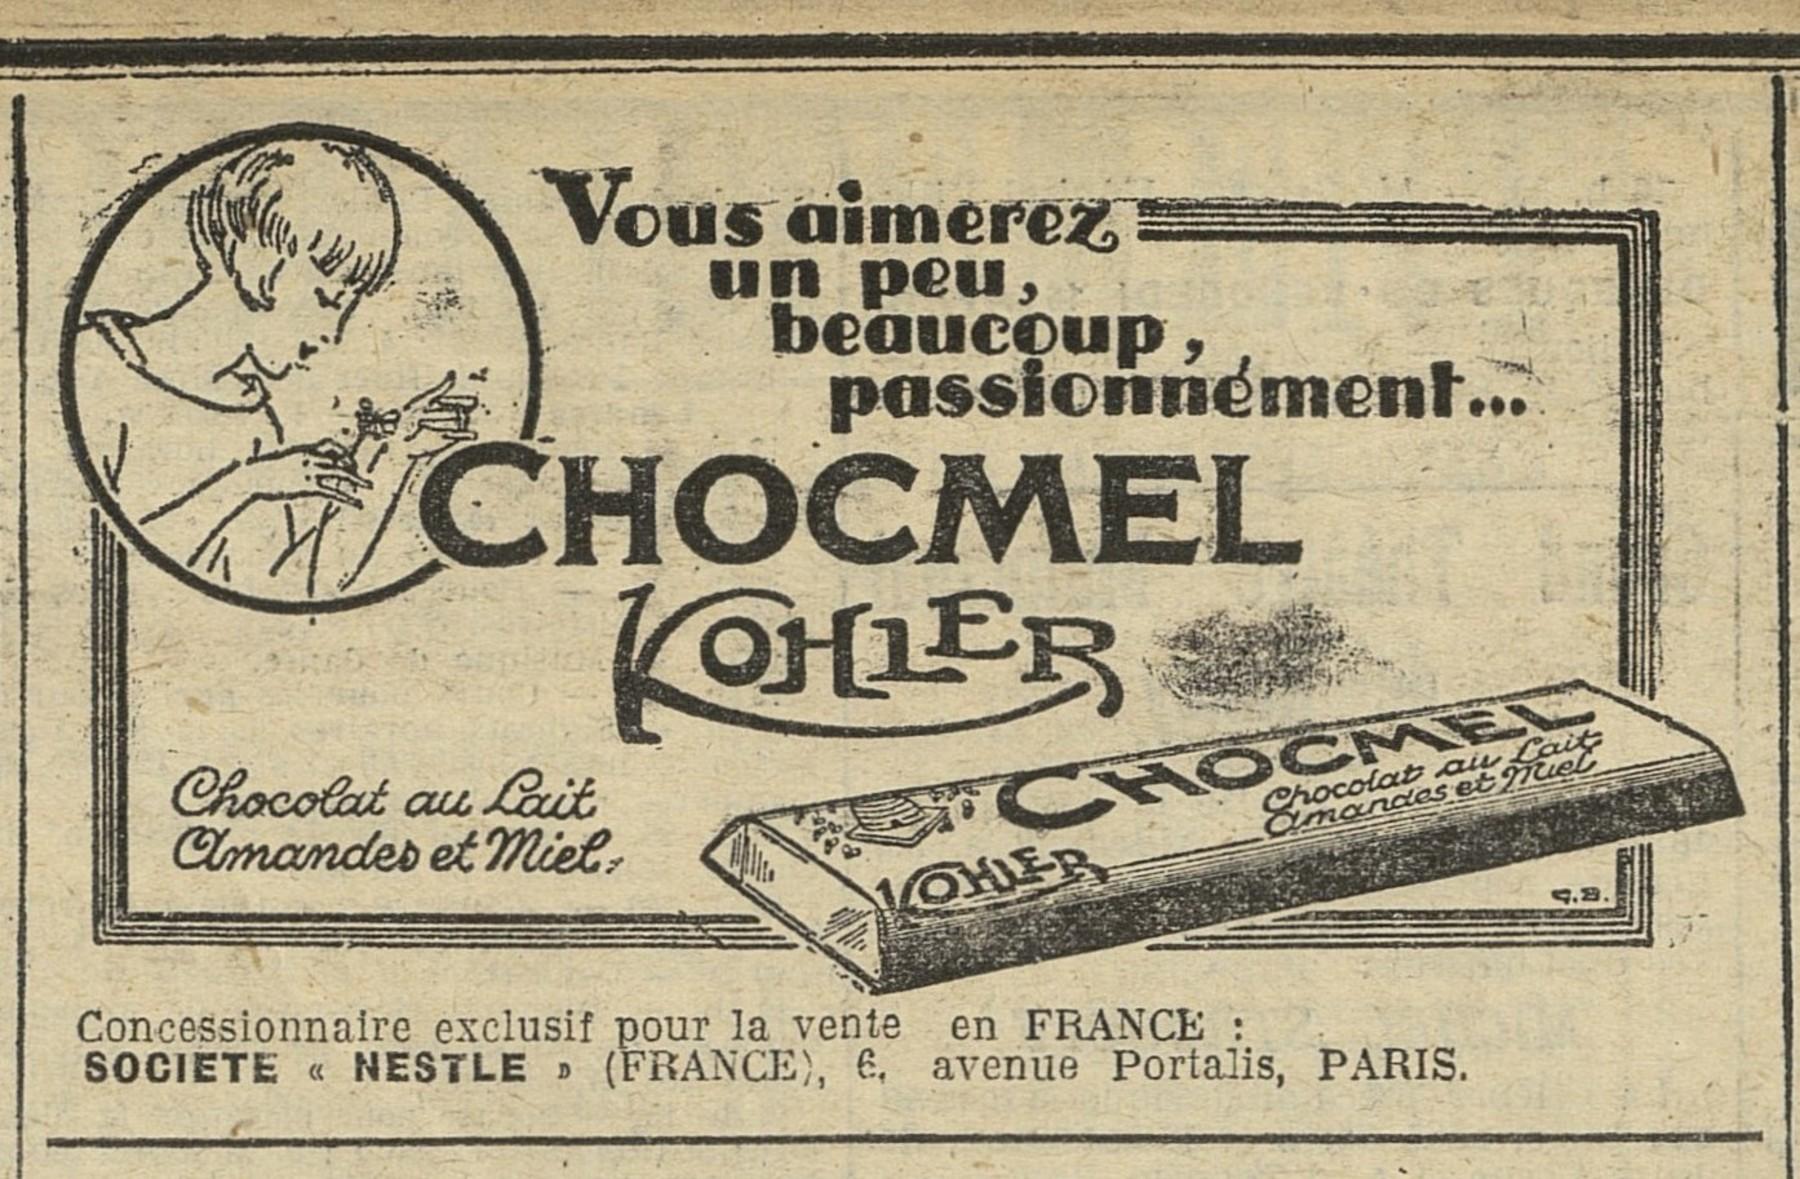 Contenu du Barre chocolatée Chocmel